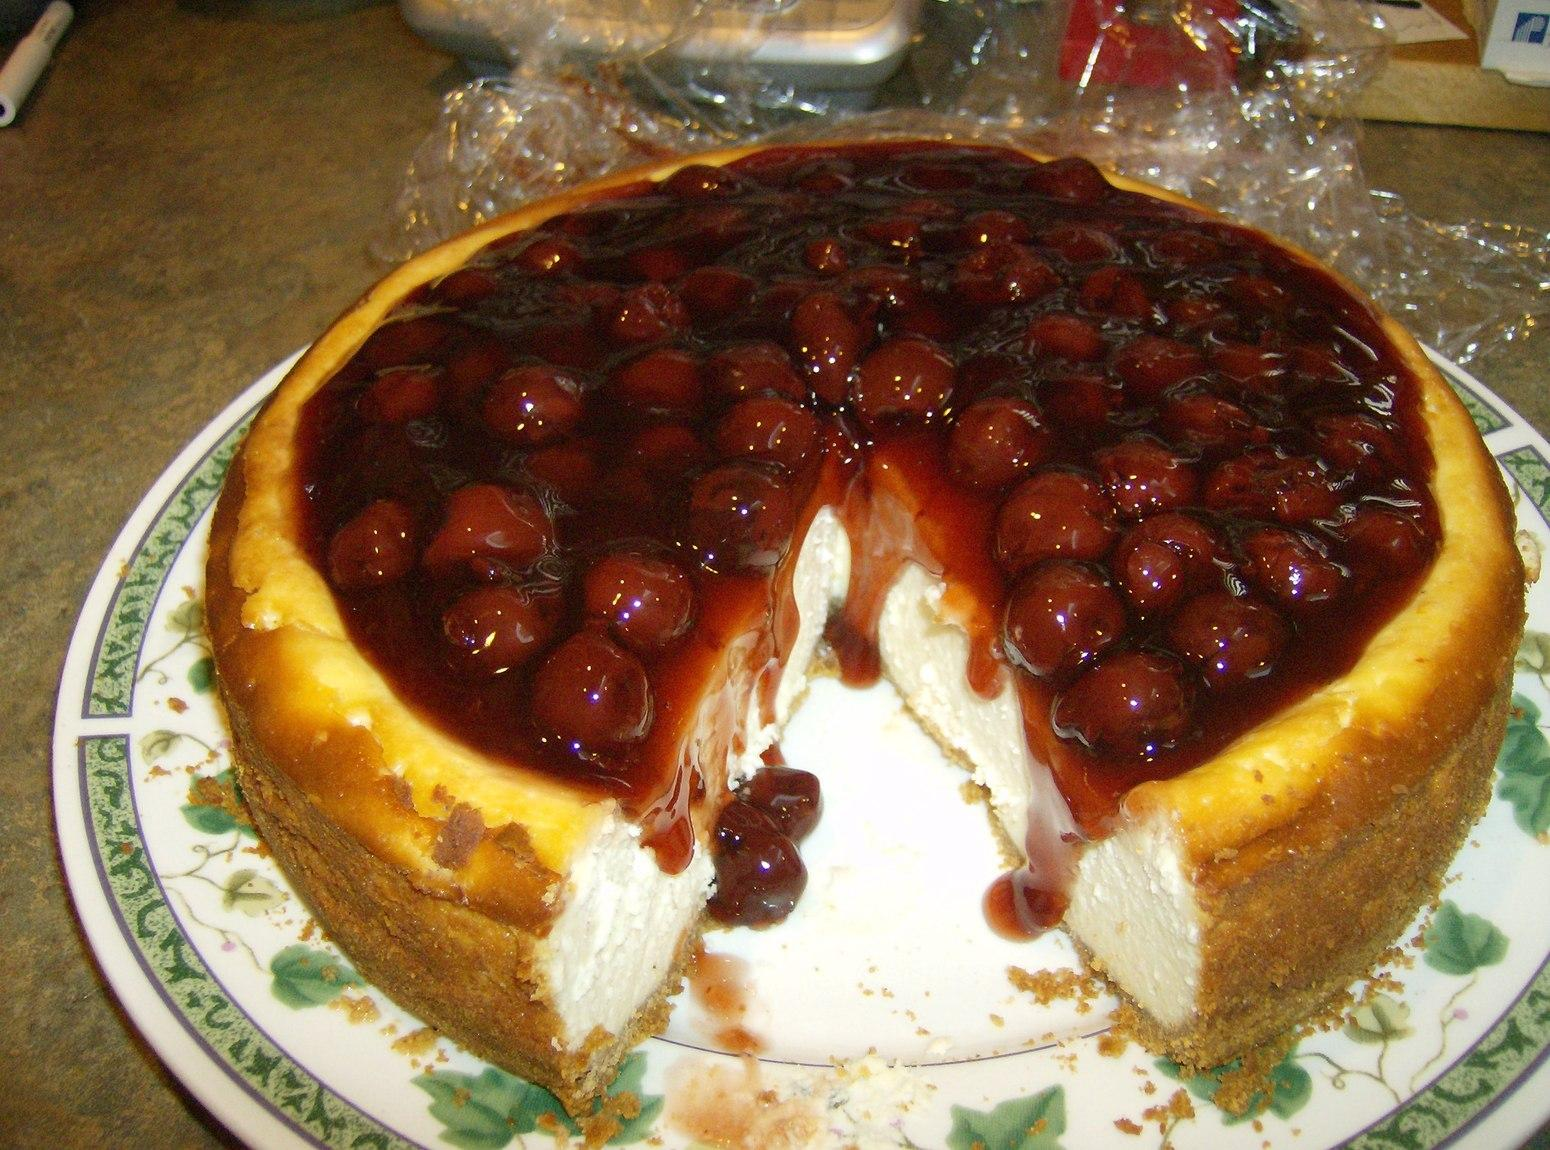 Dan's Birthday New York Cherry Cheese Cake Recipe